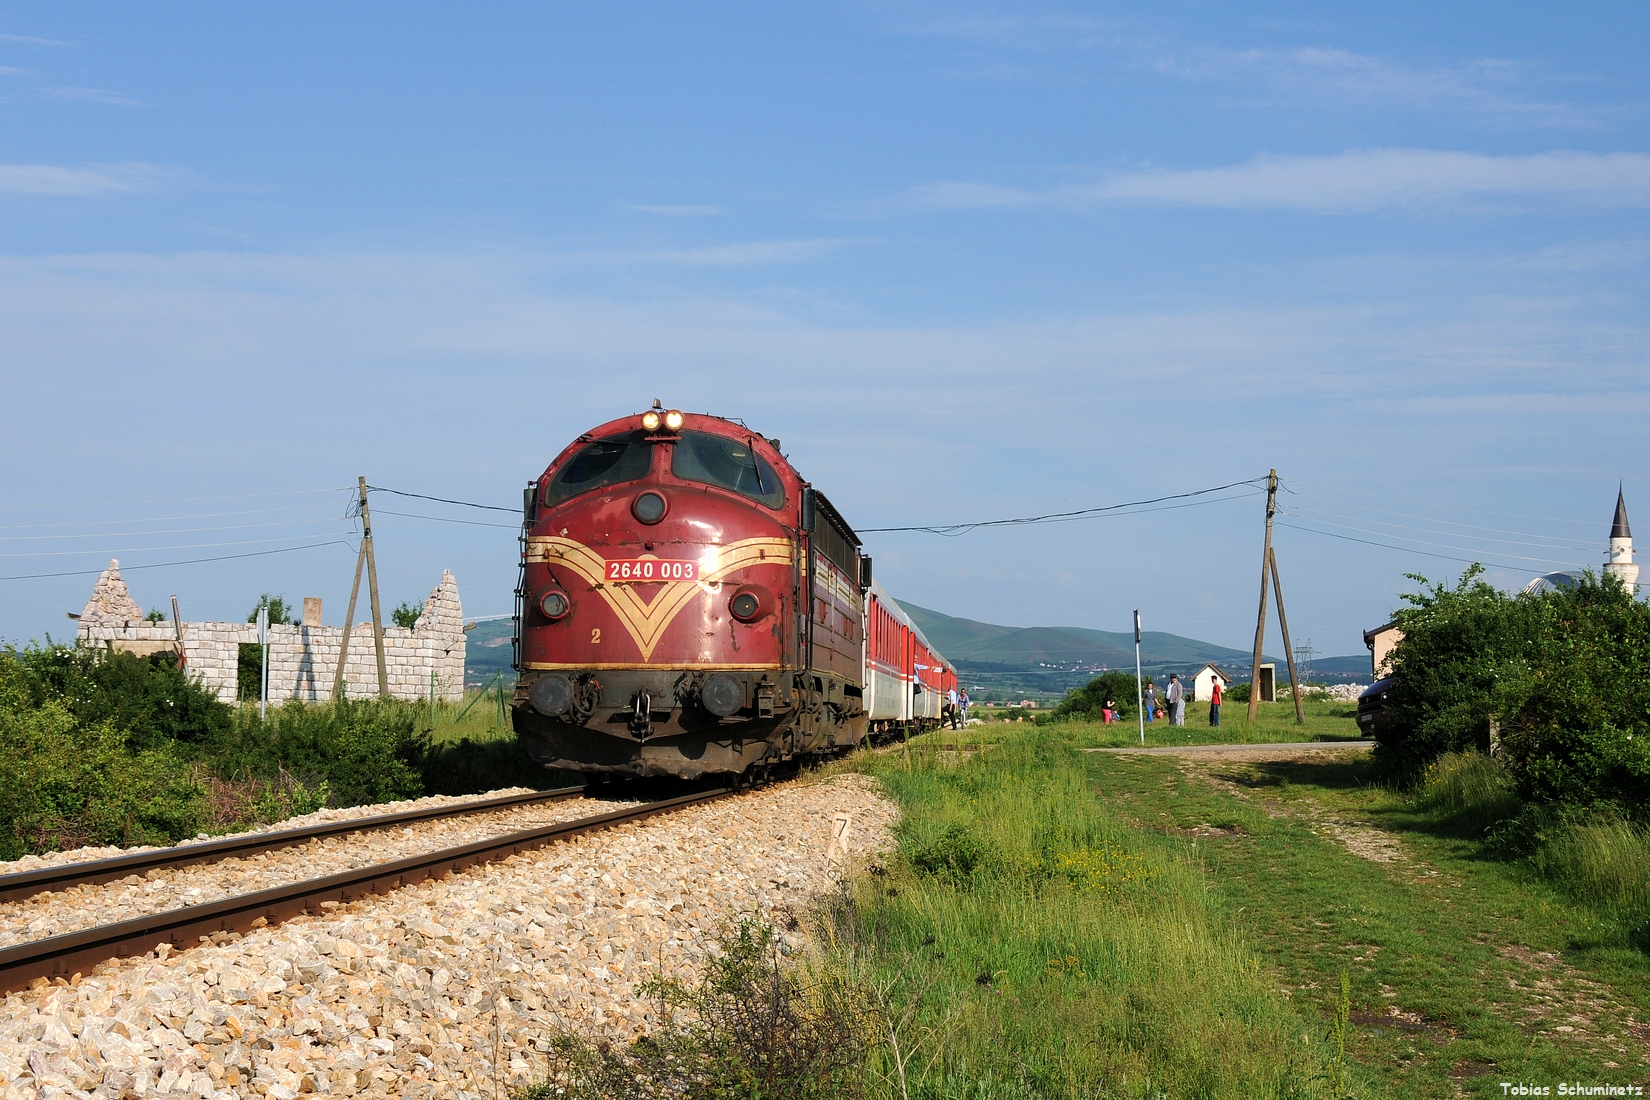 Da der Bahnsteig viel zu kurz für den langen Zug war, wurde einfach weiter vorgefahren.